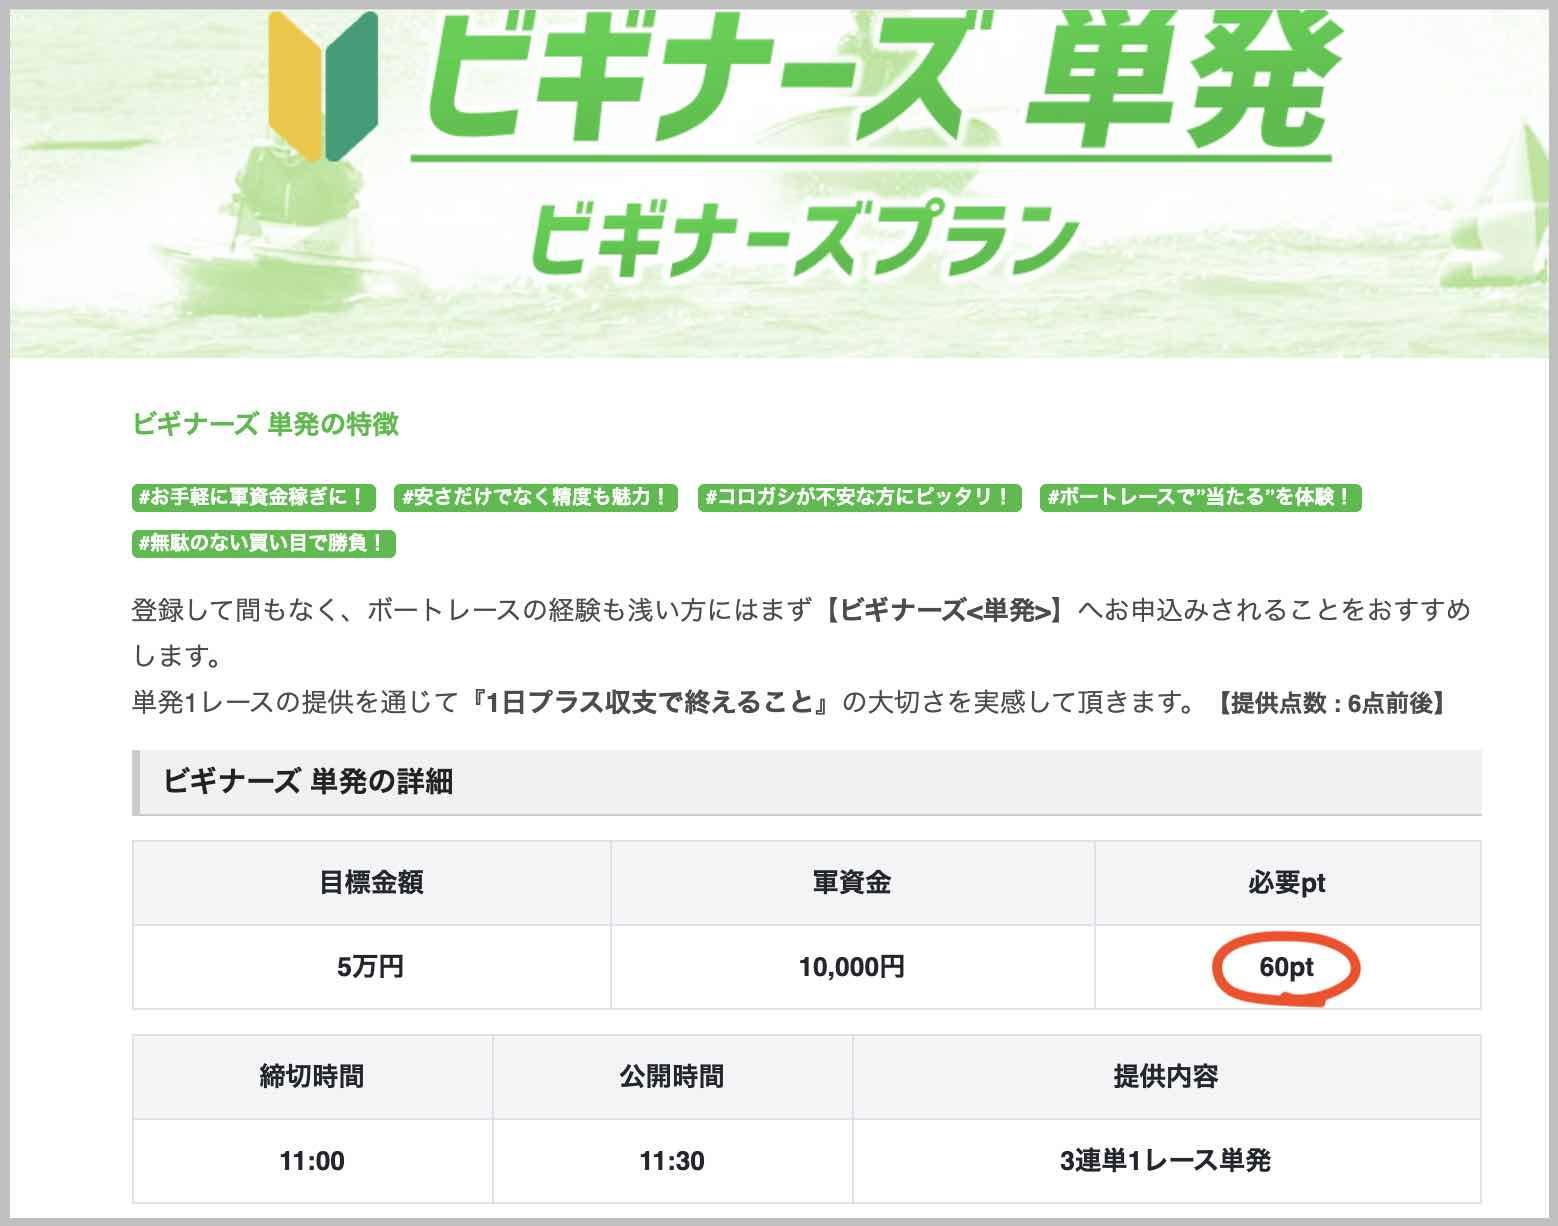 競艇予想NOVA(ノヴァ)という競艇予想サイト(ボートレース予想サイト)の最安コース